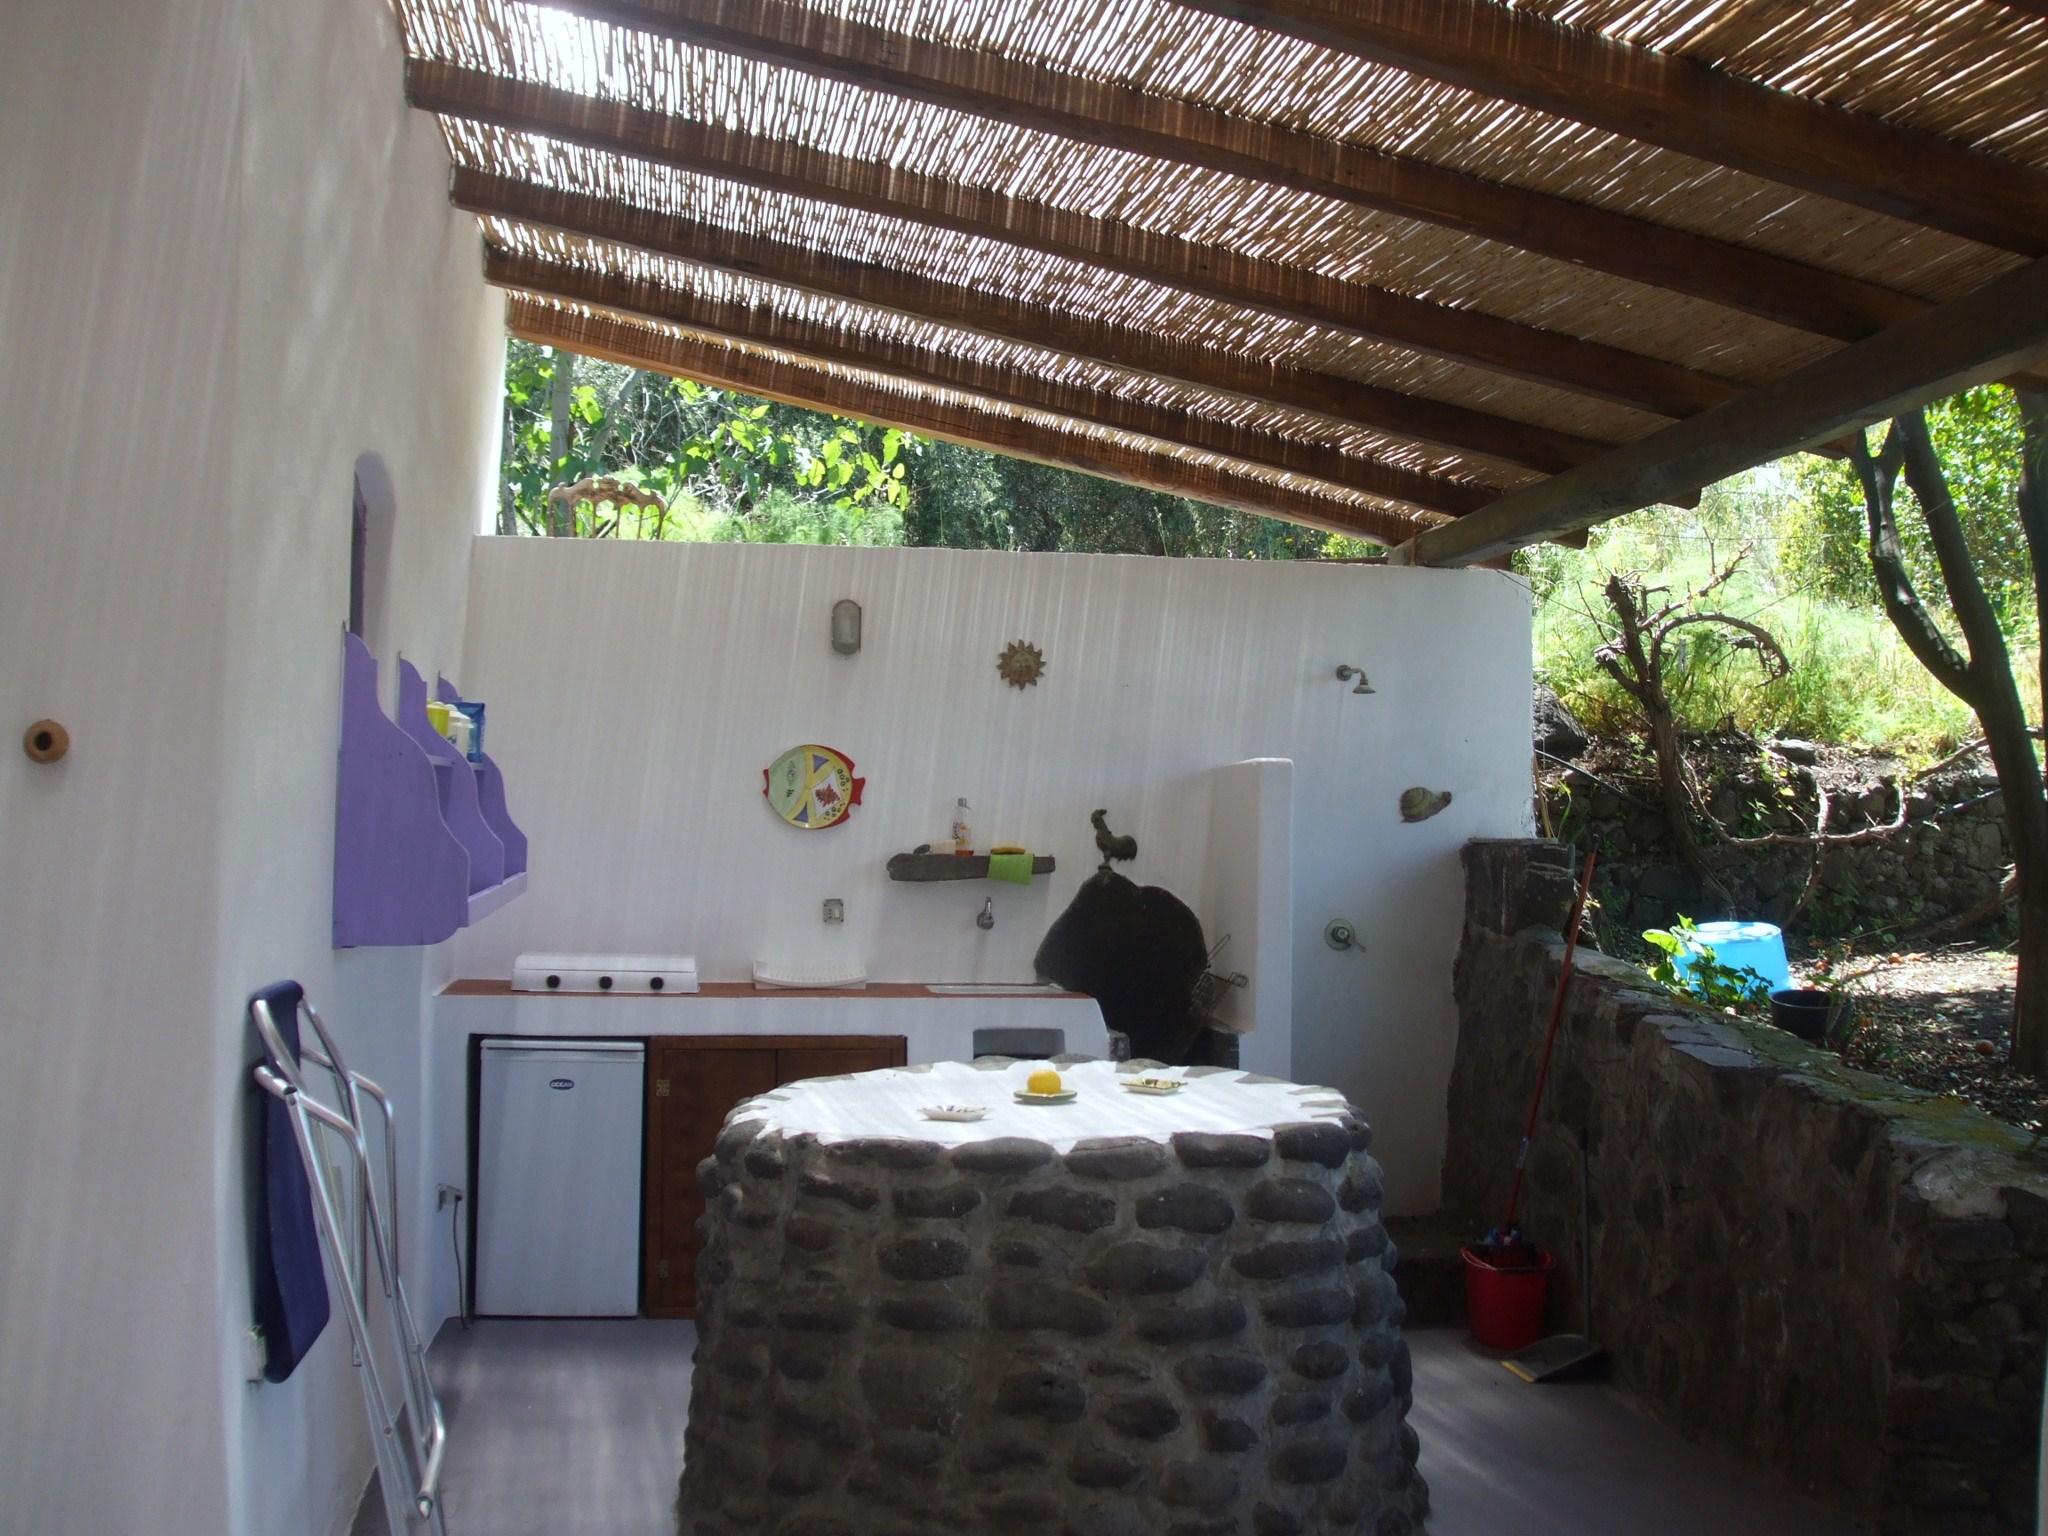 Stromboli foto casa limoni - Terrazzo coperto ...